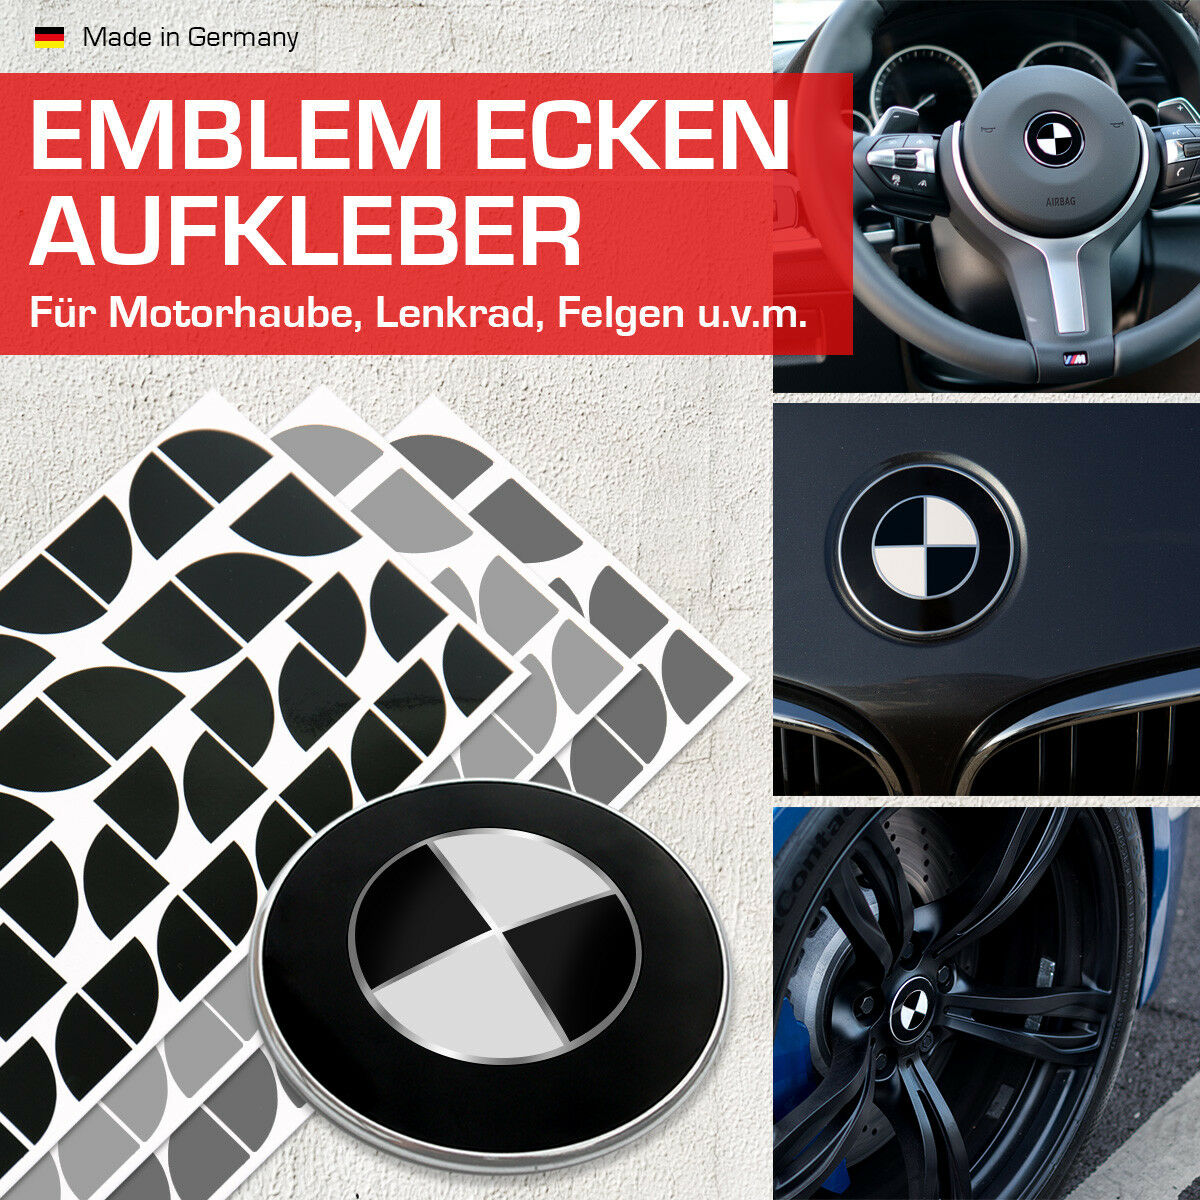 f11 5er Emblème Autocollant Emblem Autocollants Coins Pour BMW f10 5er f12 6er